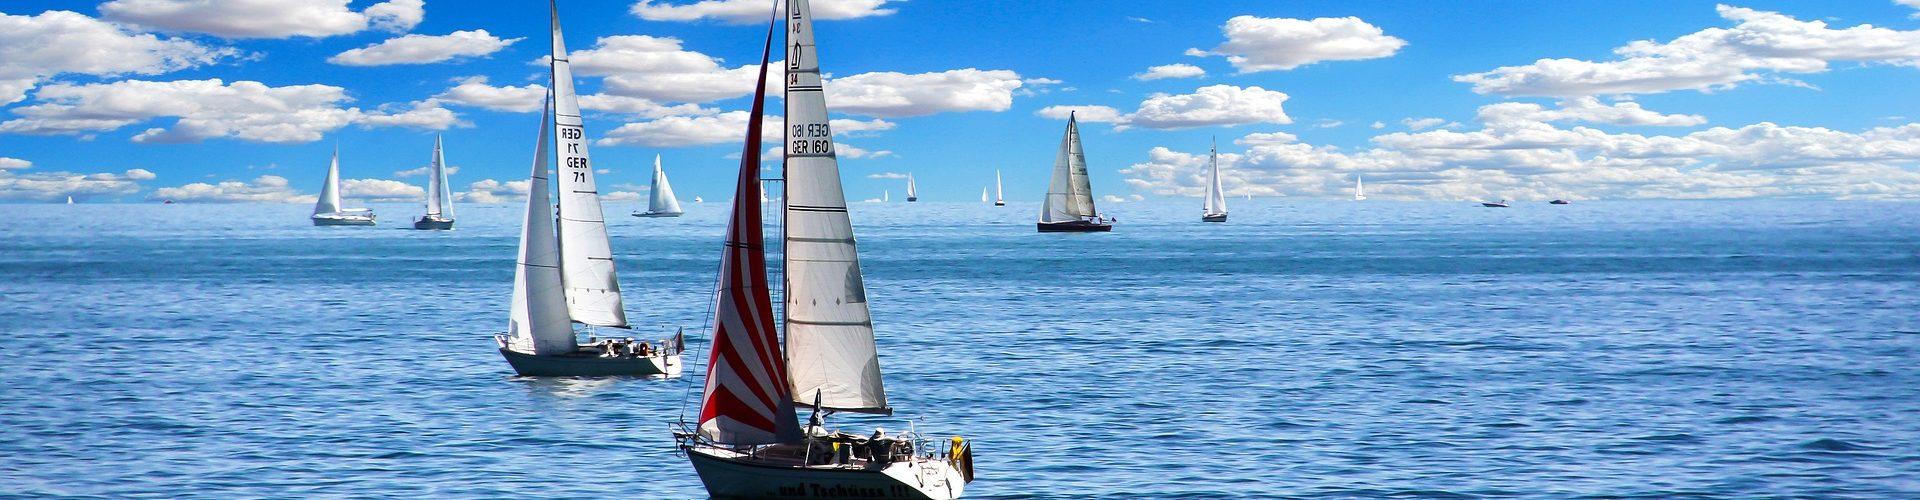 segeln lernen in Surwold segelschein machen in Surwold 1920x500 - Segeln lernen in Surwold